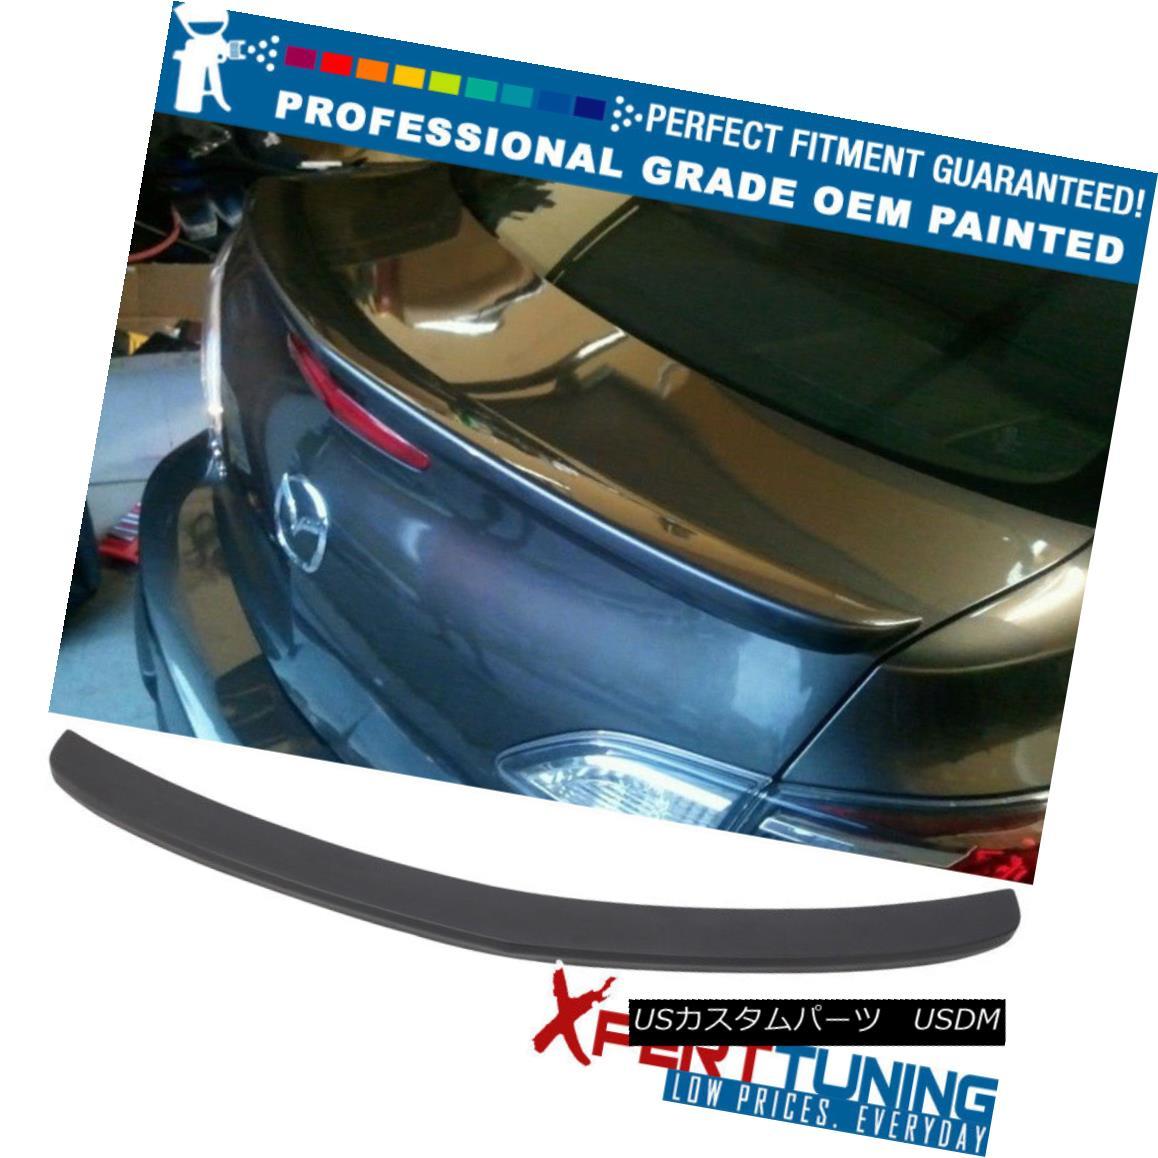 エアロパーツ Fit 10-13 Mazda 3 Mazda3 OE Style Painted Trunk Spoiler - OEM Painted Color フィット10-13マツダ3 Mazda3 OEスタイル塗装トランクスポイラー - OEM塗装カラー